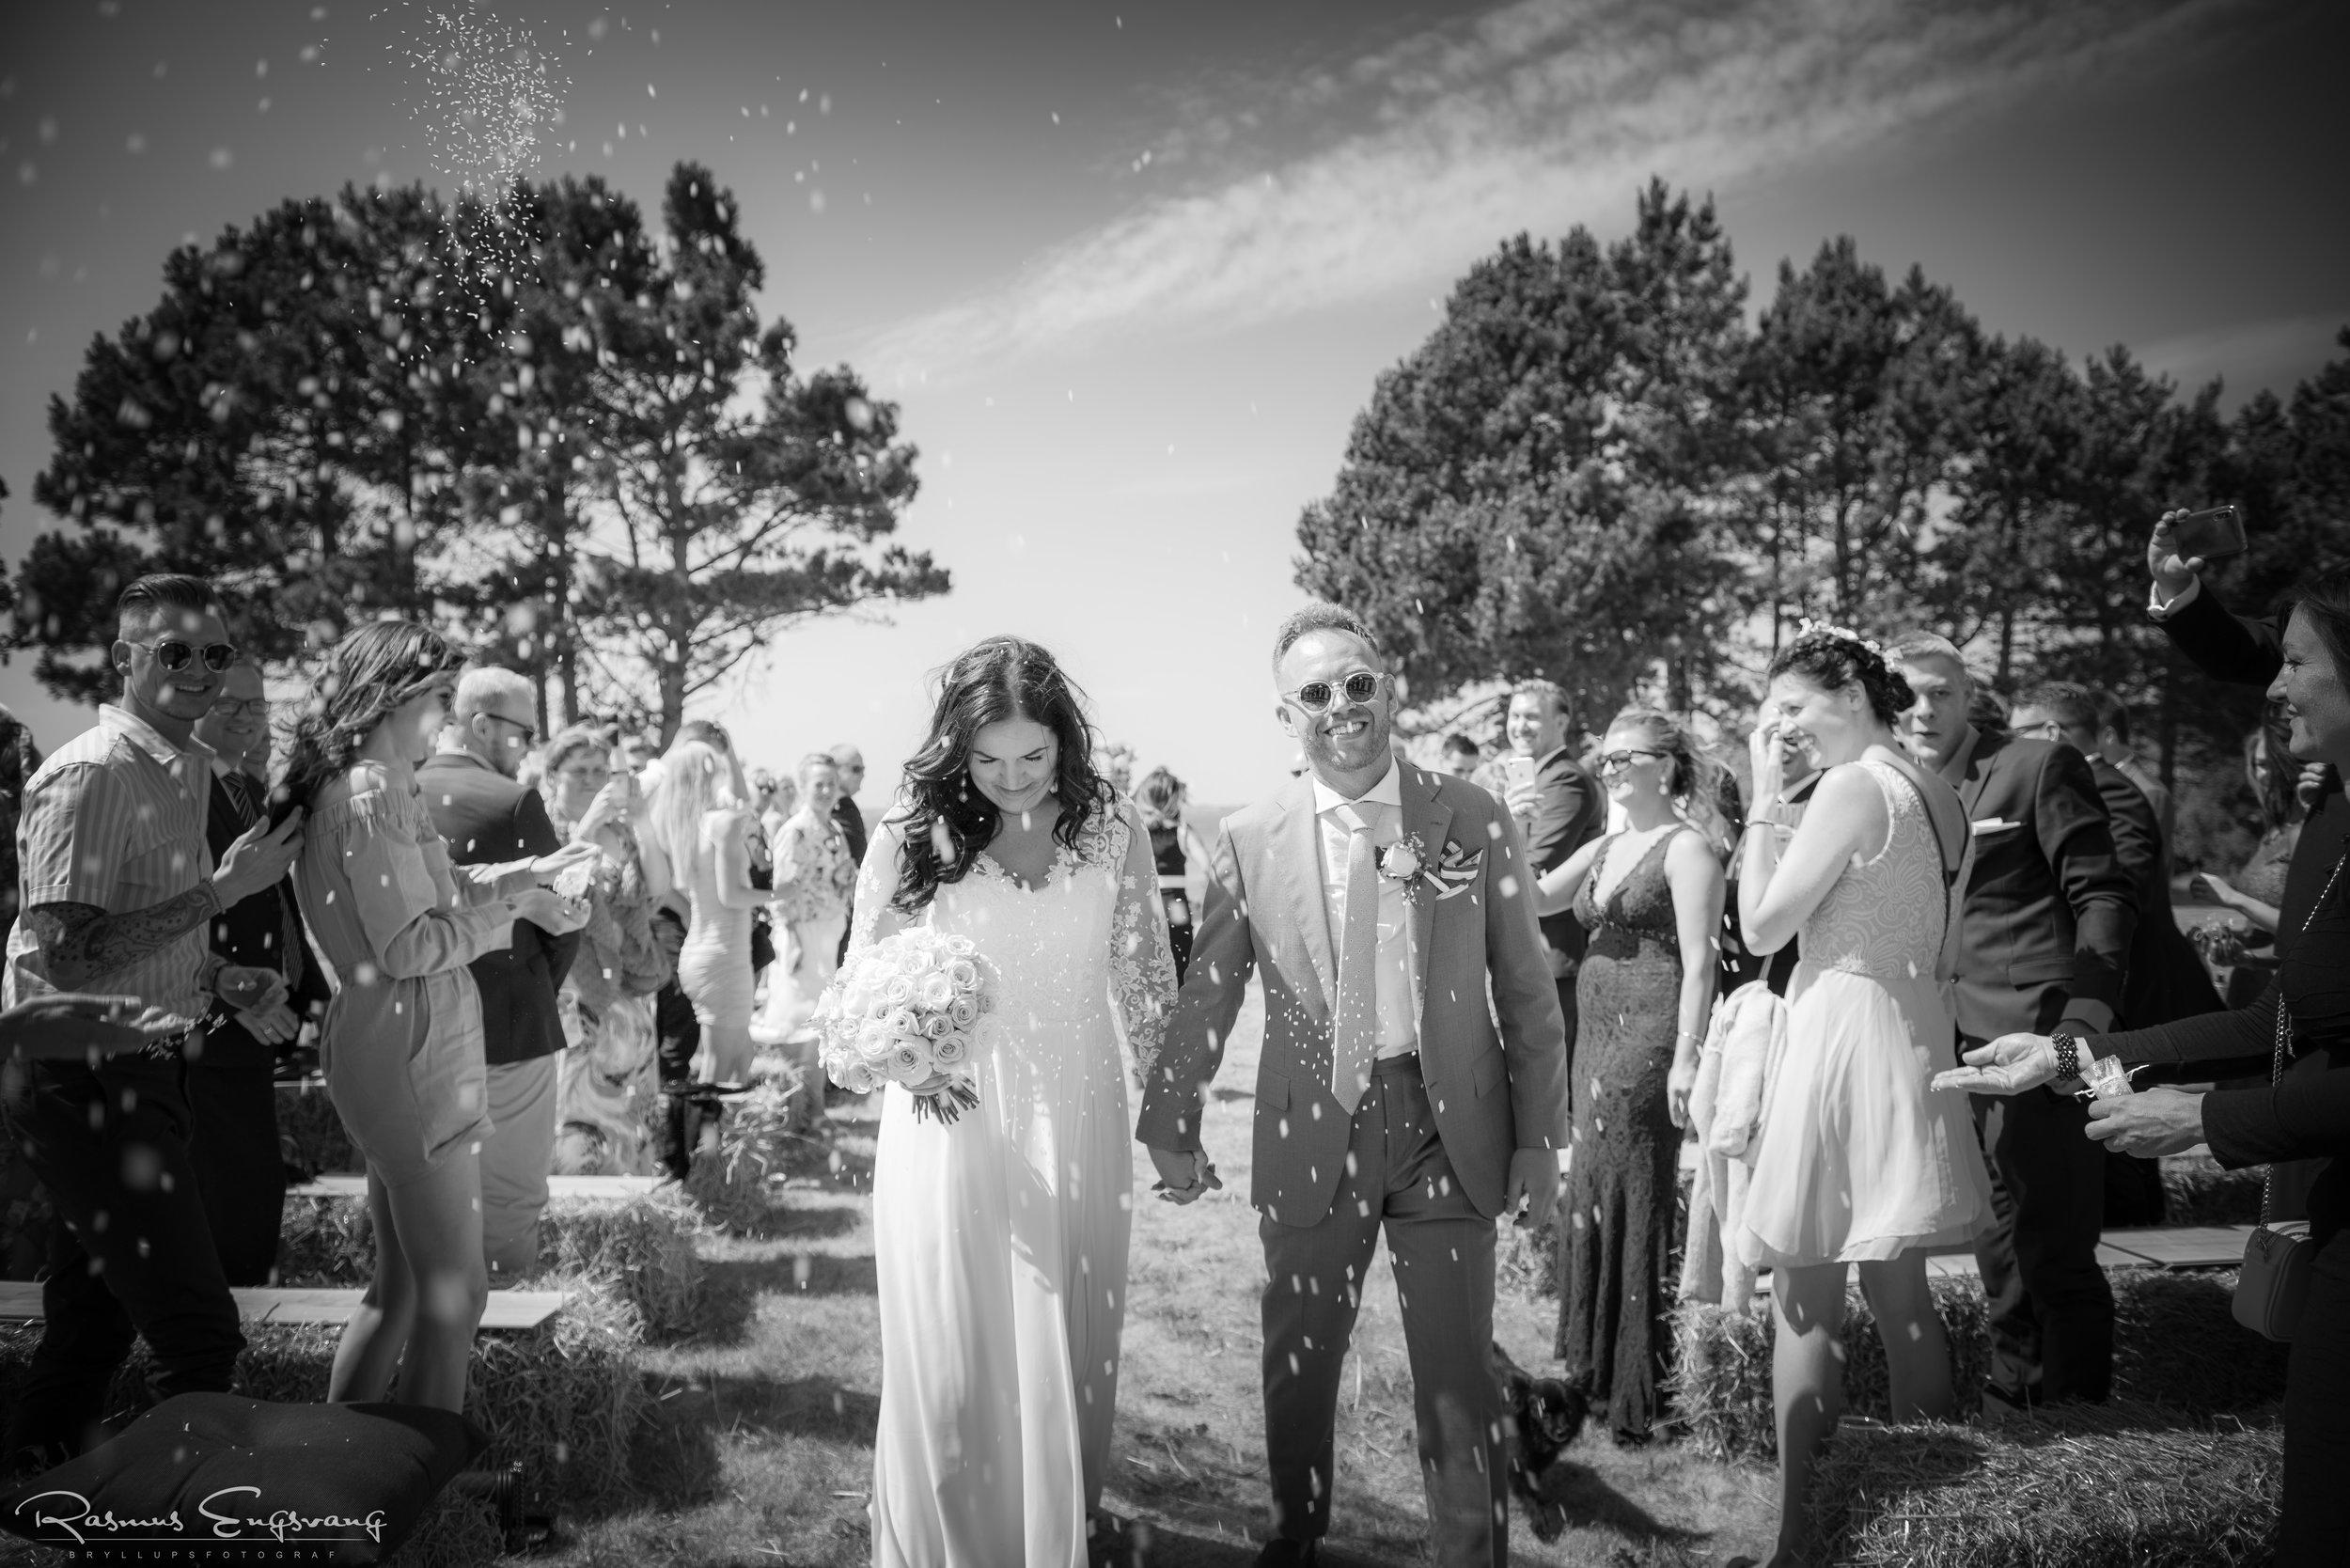 Roskilde_fotograf_til_bryllup-156.jpg